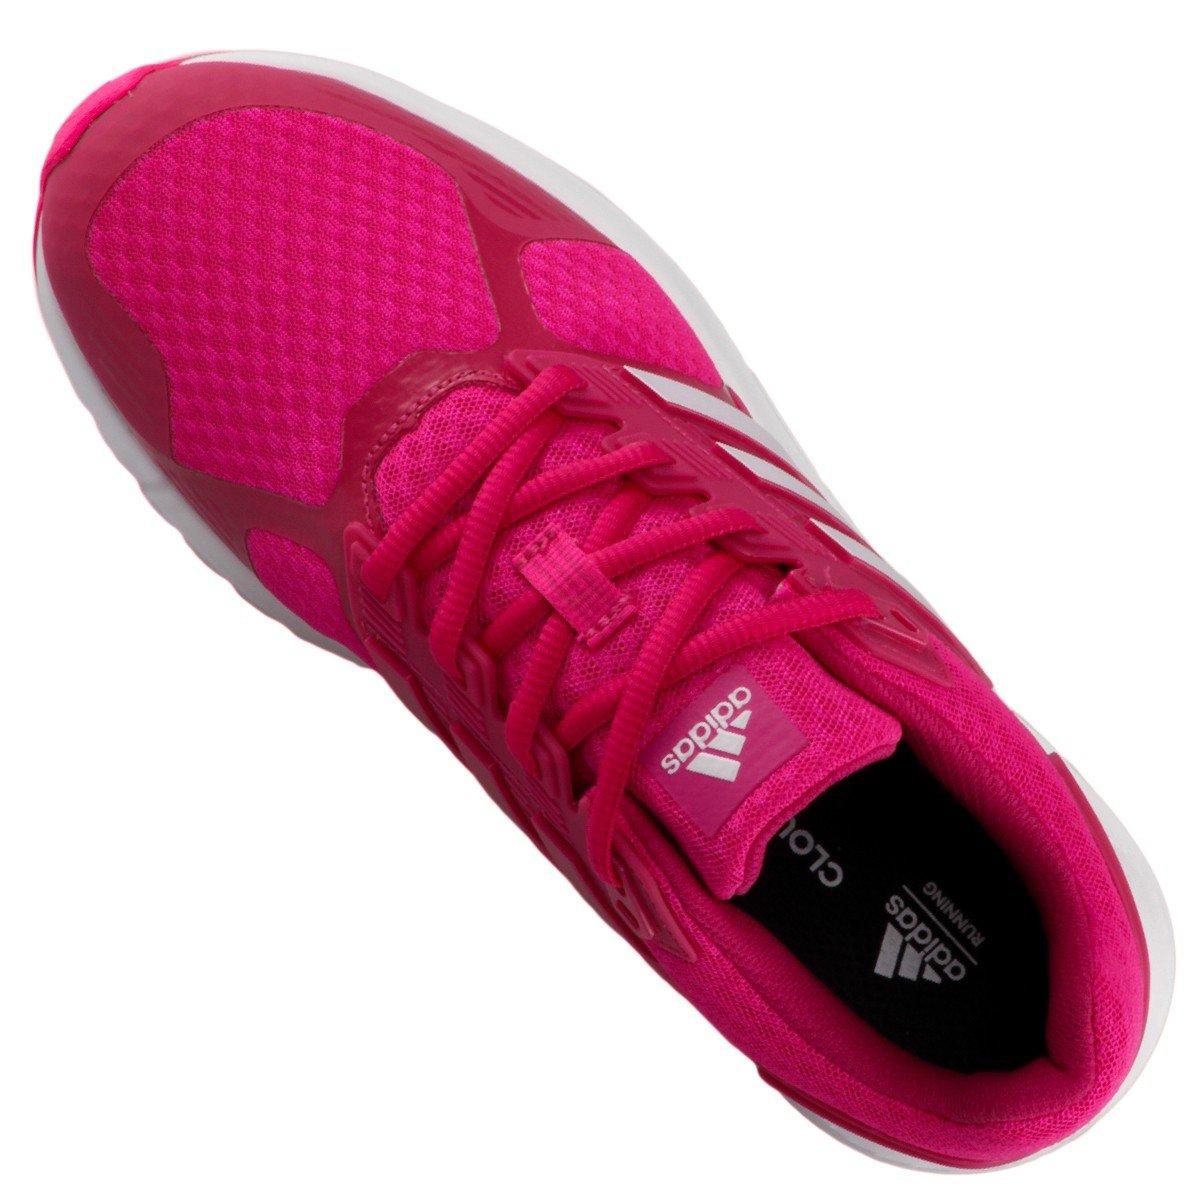 Tênis Adidas Duramo 8 Feminino - Compre Agora  fa6eadaa27c07